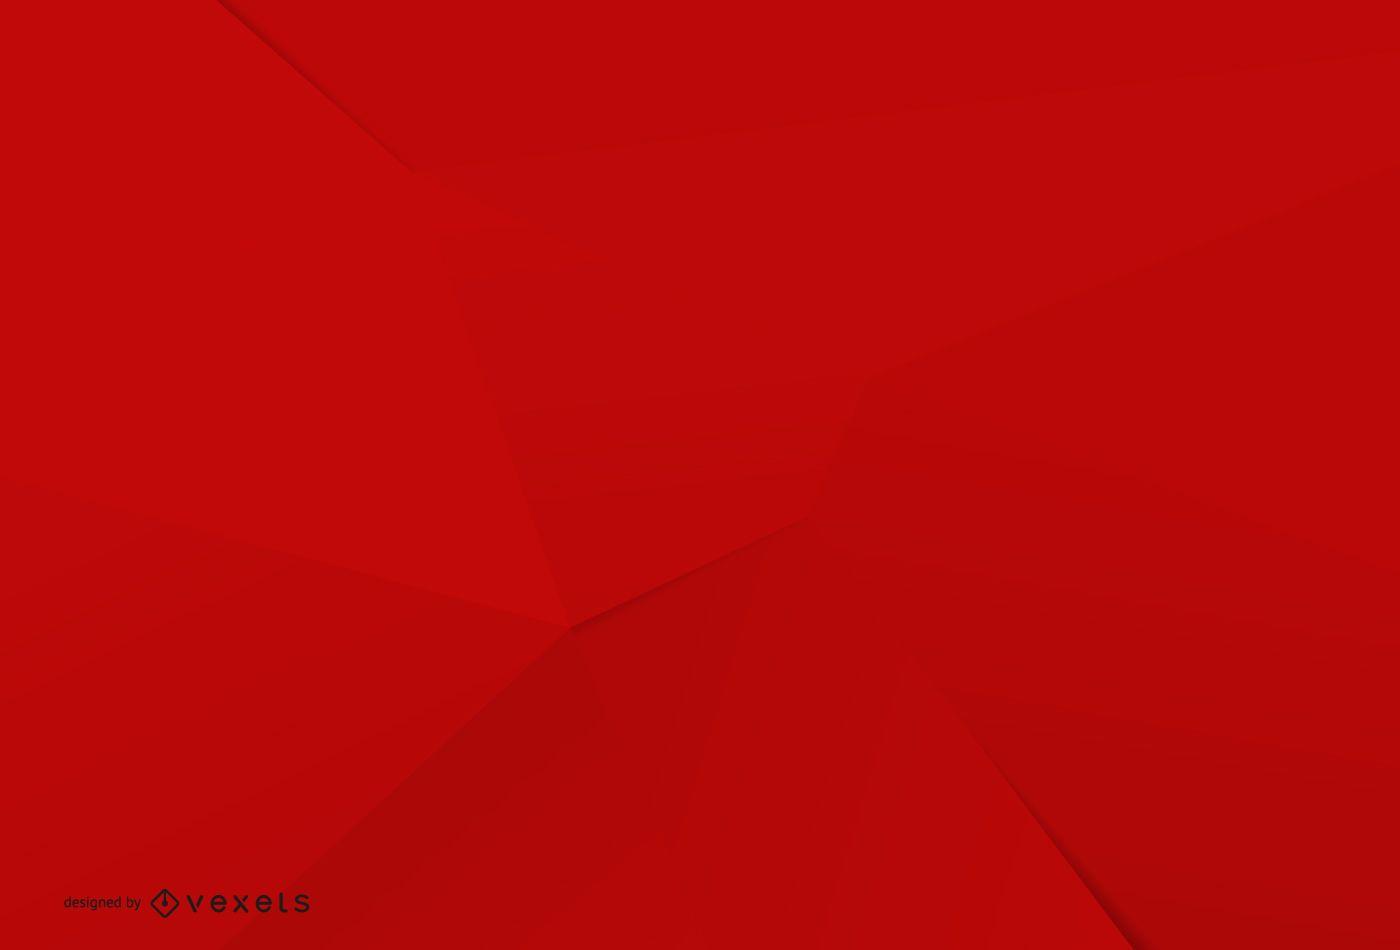 Minimalist red background design